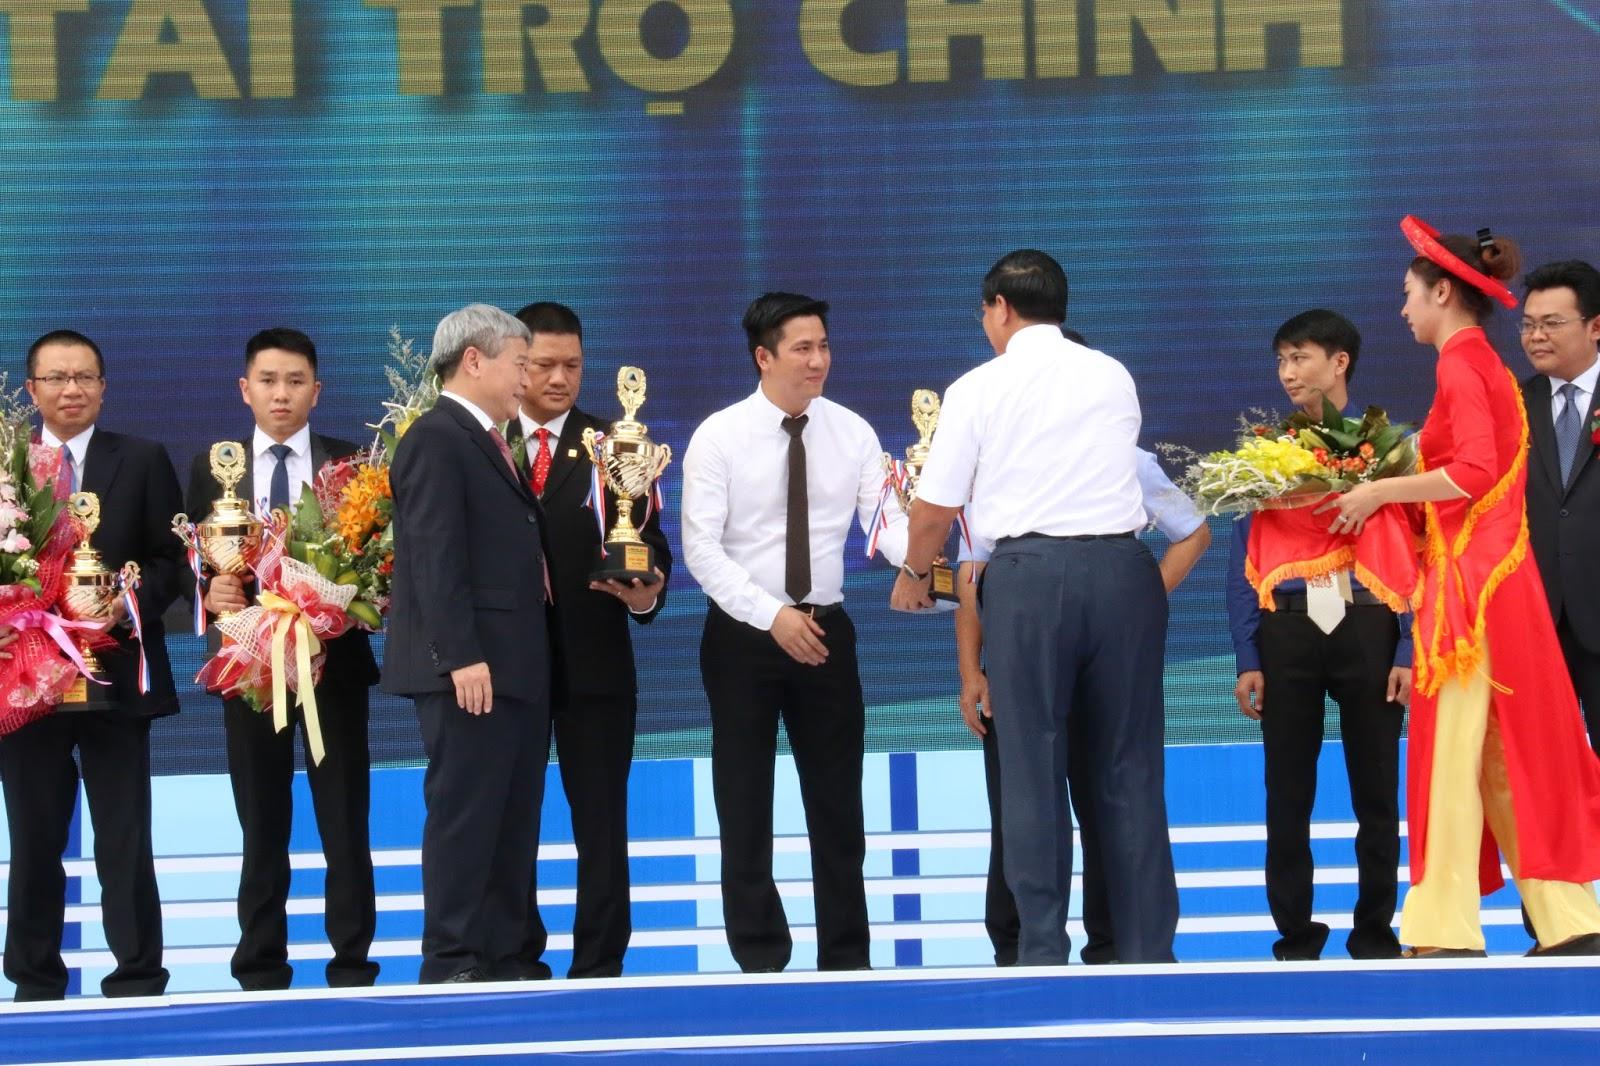 Điểm nhấn của Chung cư Phú Mỹ Complex tại Vietbuild Hà Nội 2016